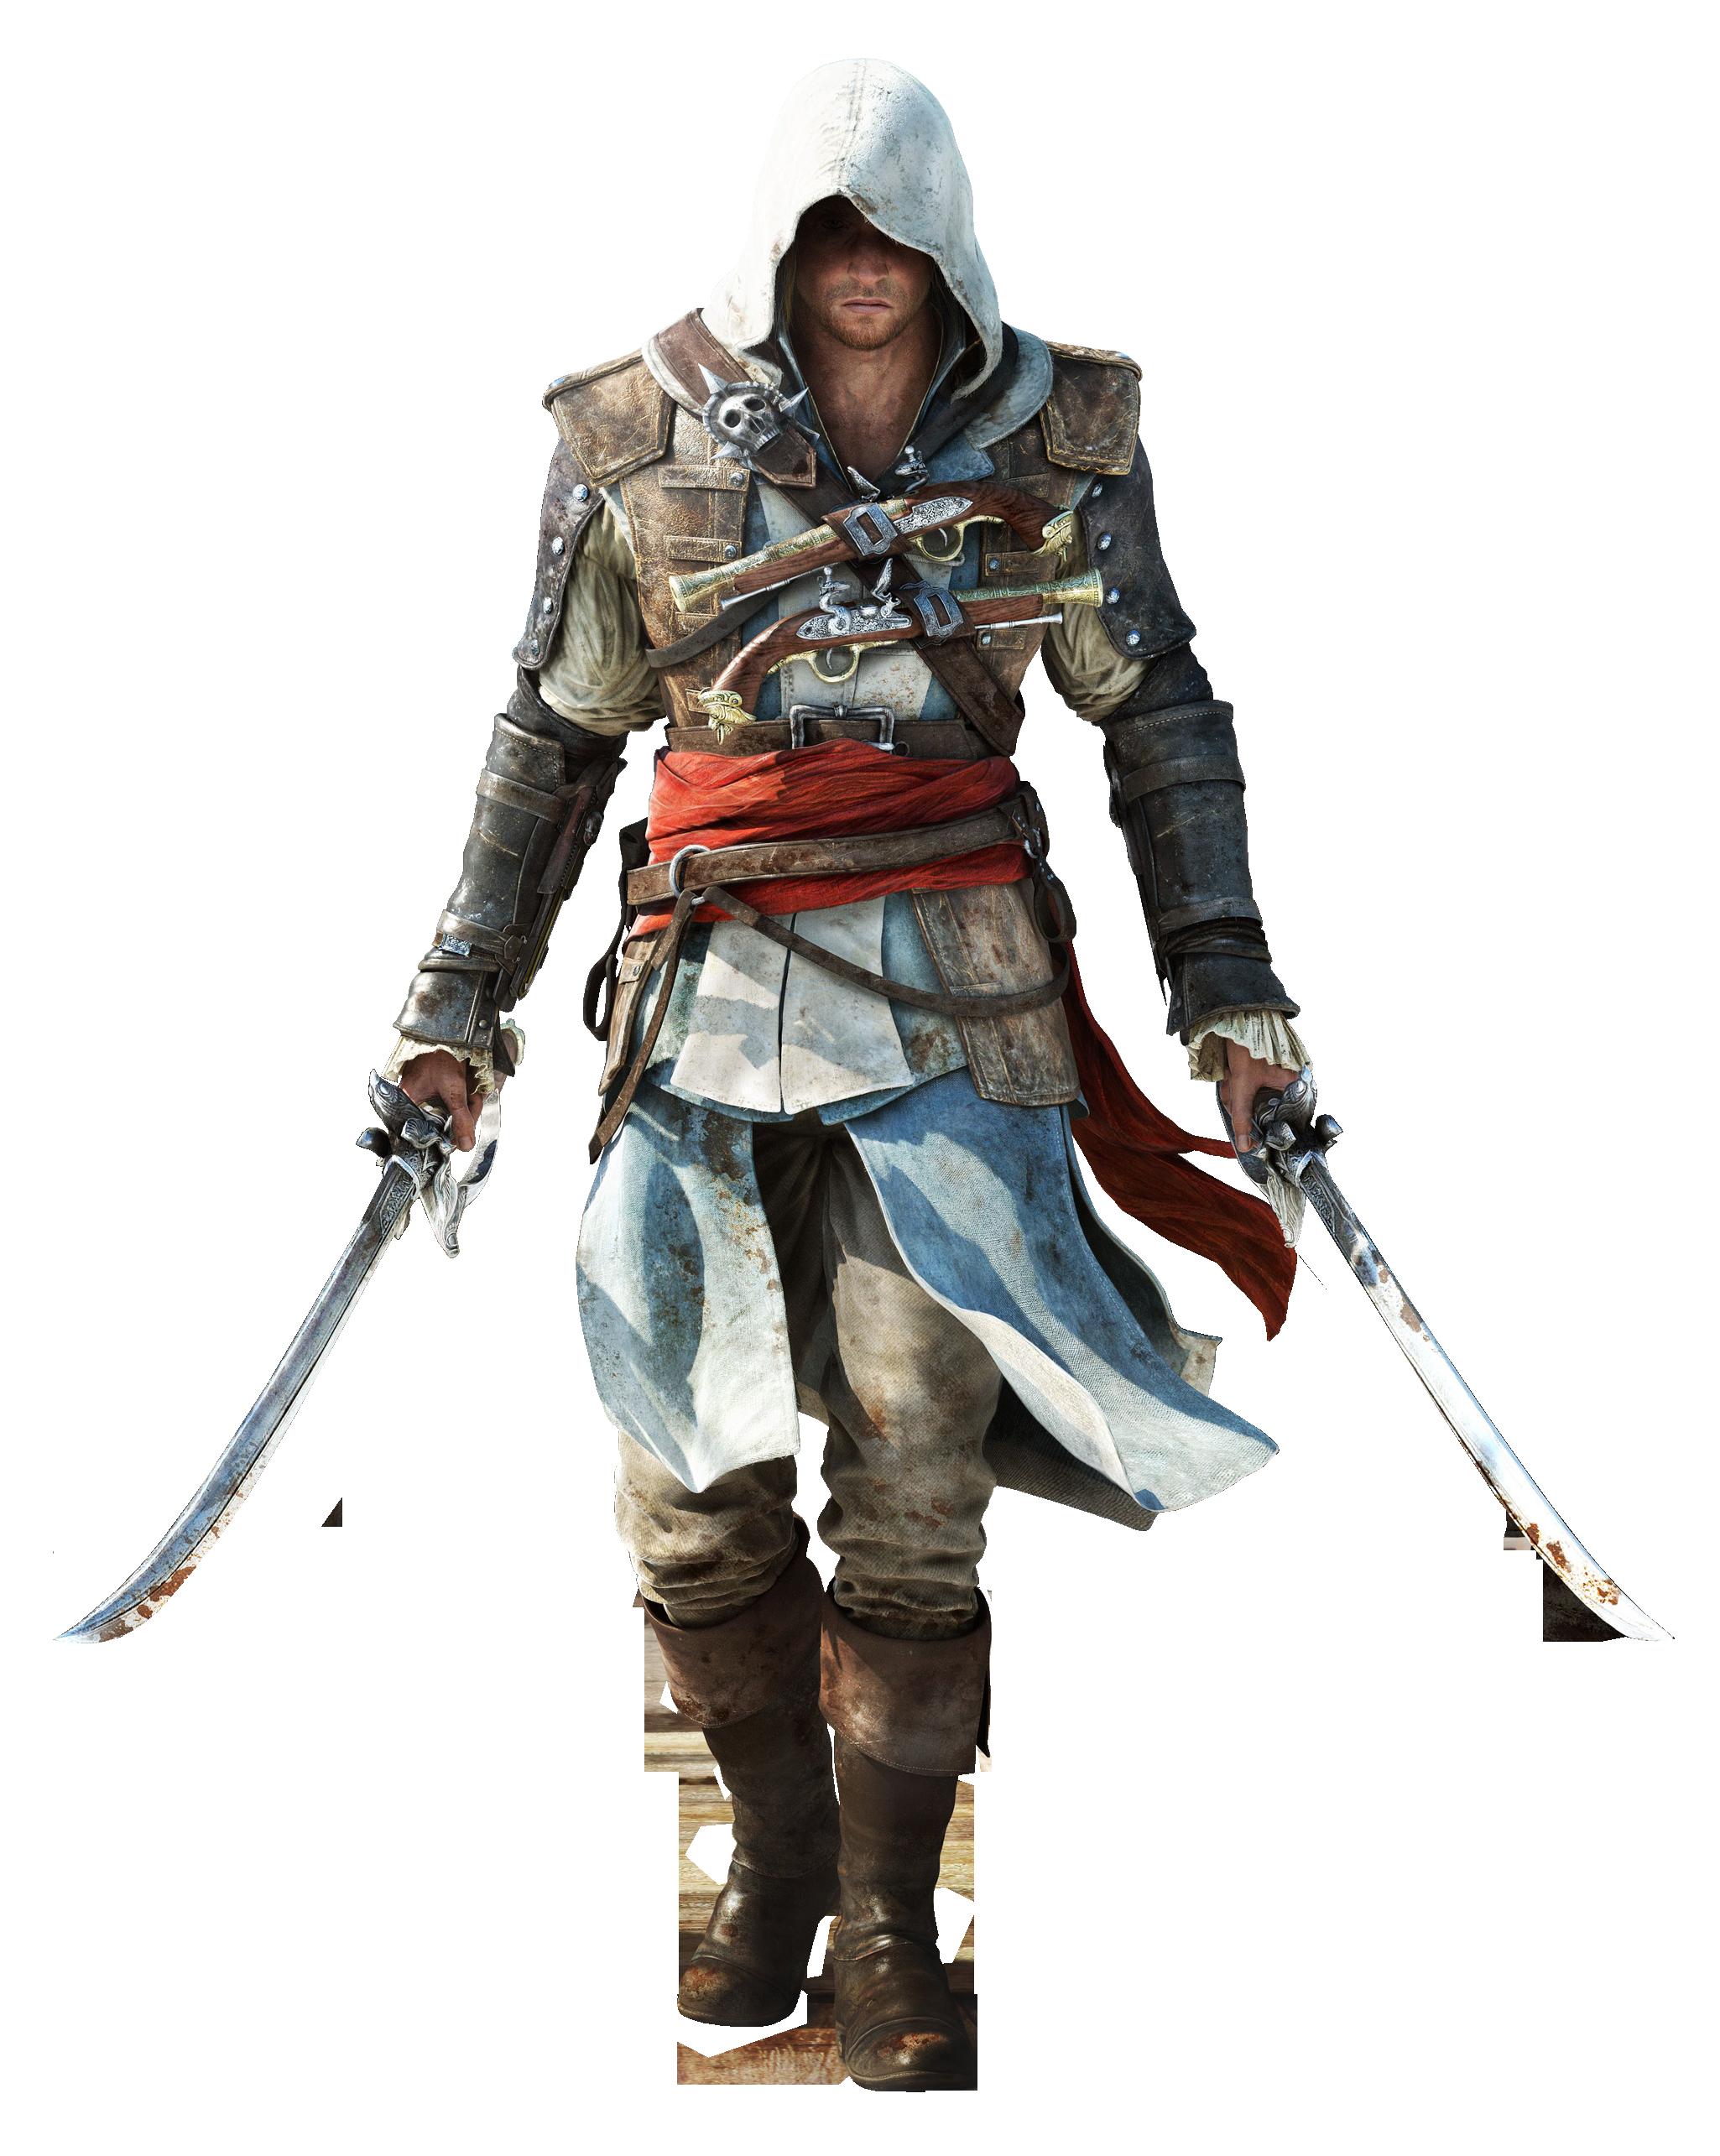 Black Flag Edward Kenway Google Search Tatouage De Guerrier Tatouage Assassins Creed Guerriere